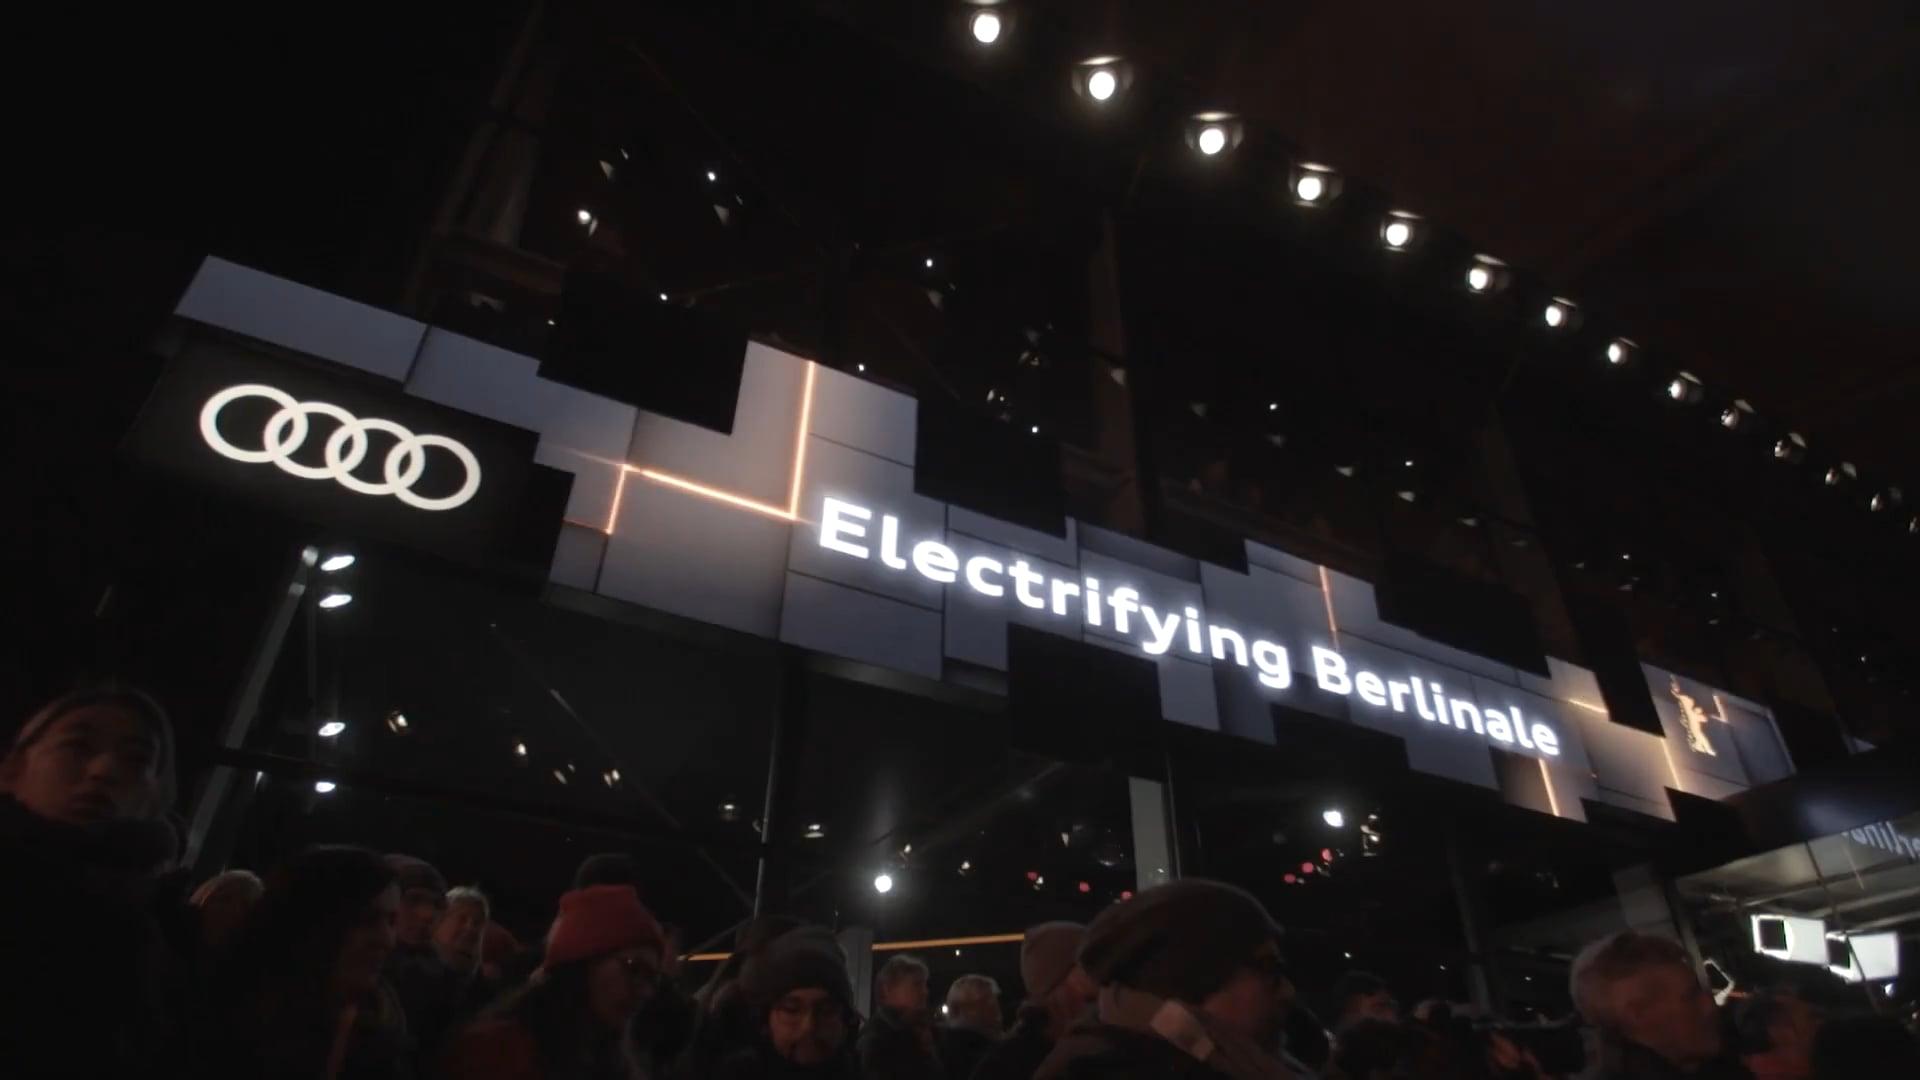 Audi Berlinale 2019